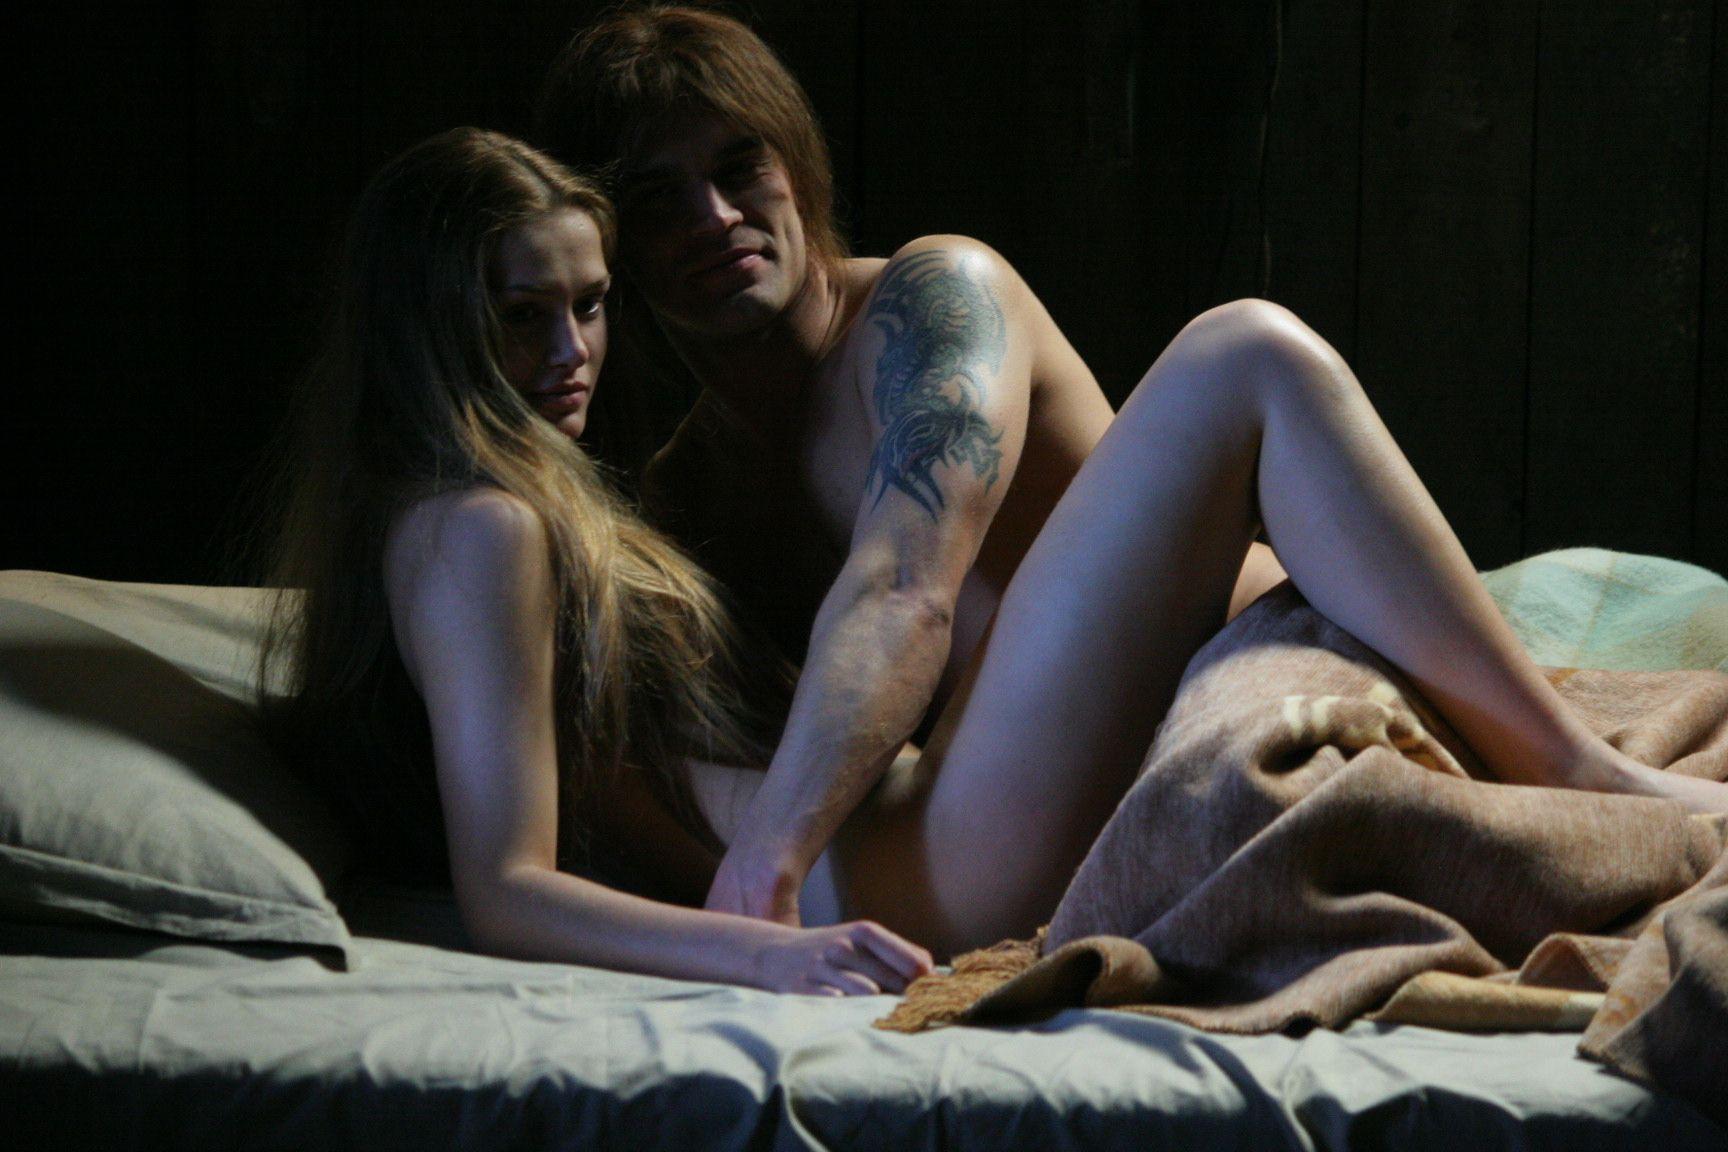 Х/ф про деревню с сексом 20 фотография